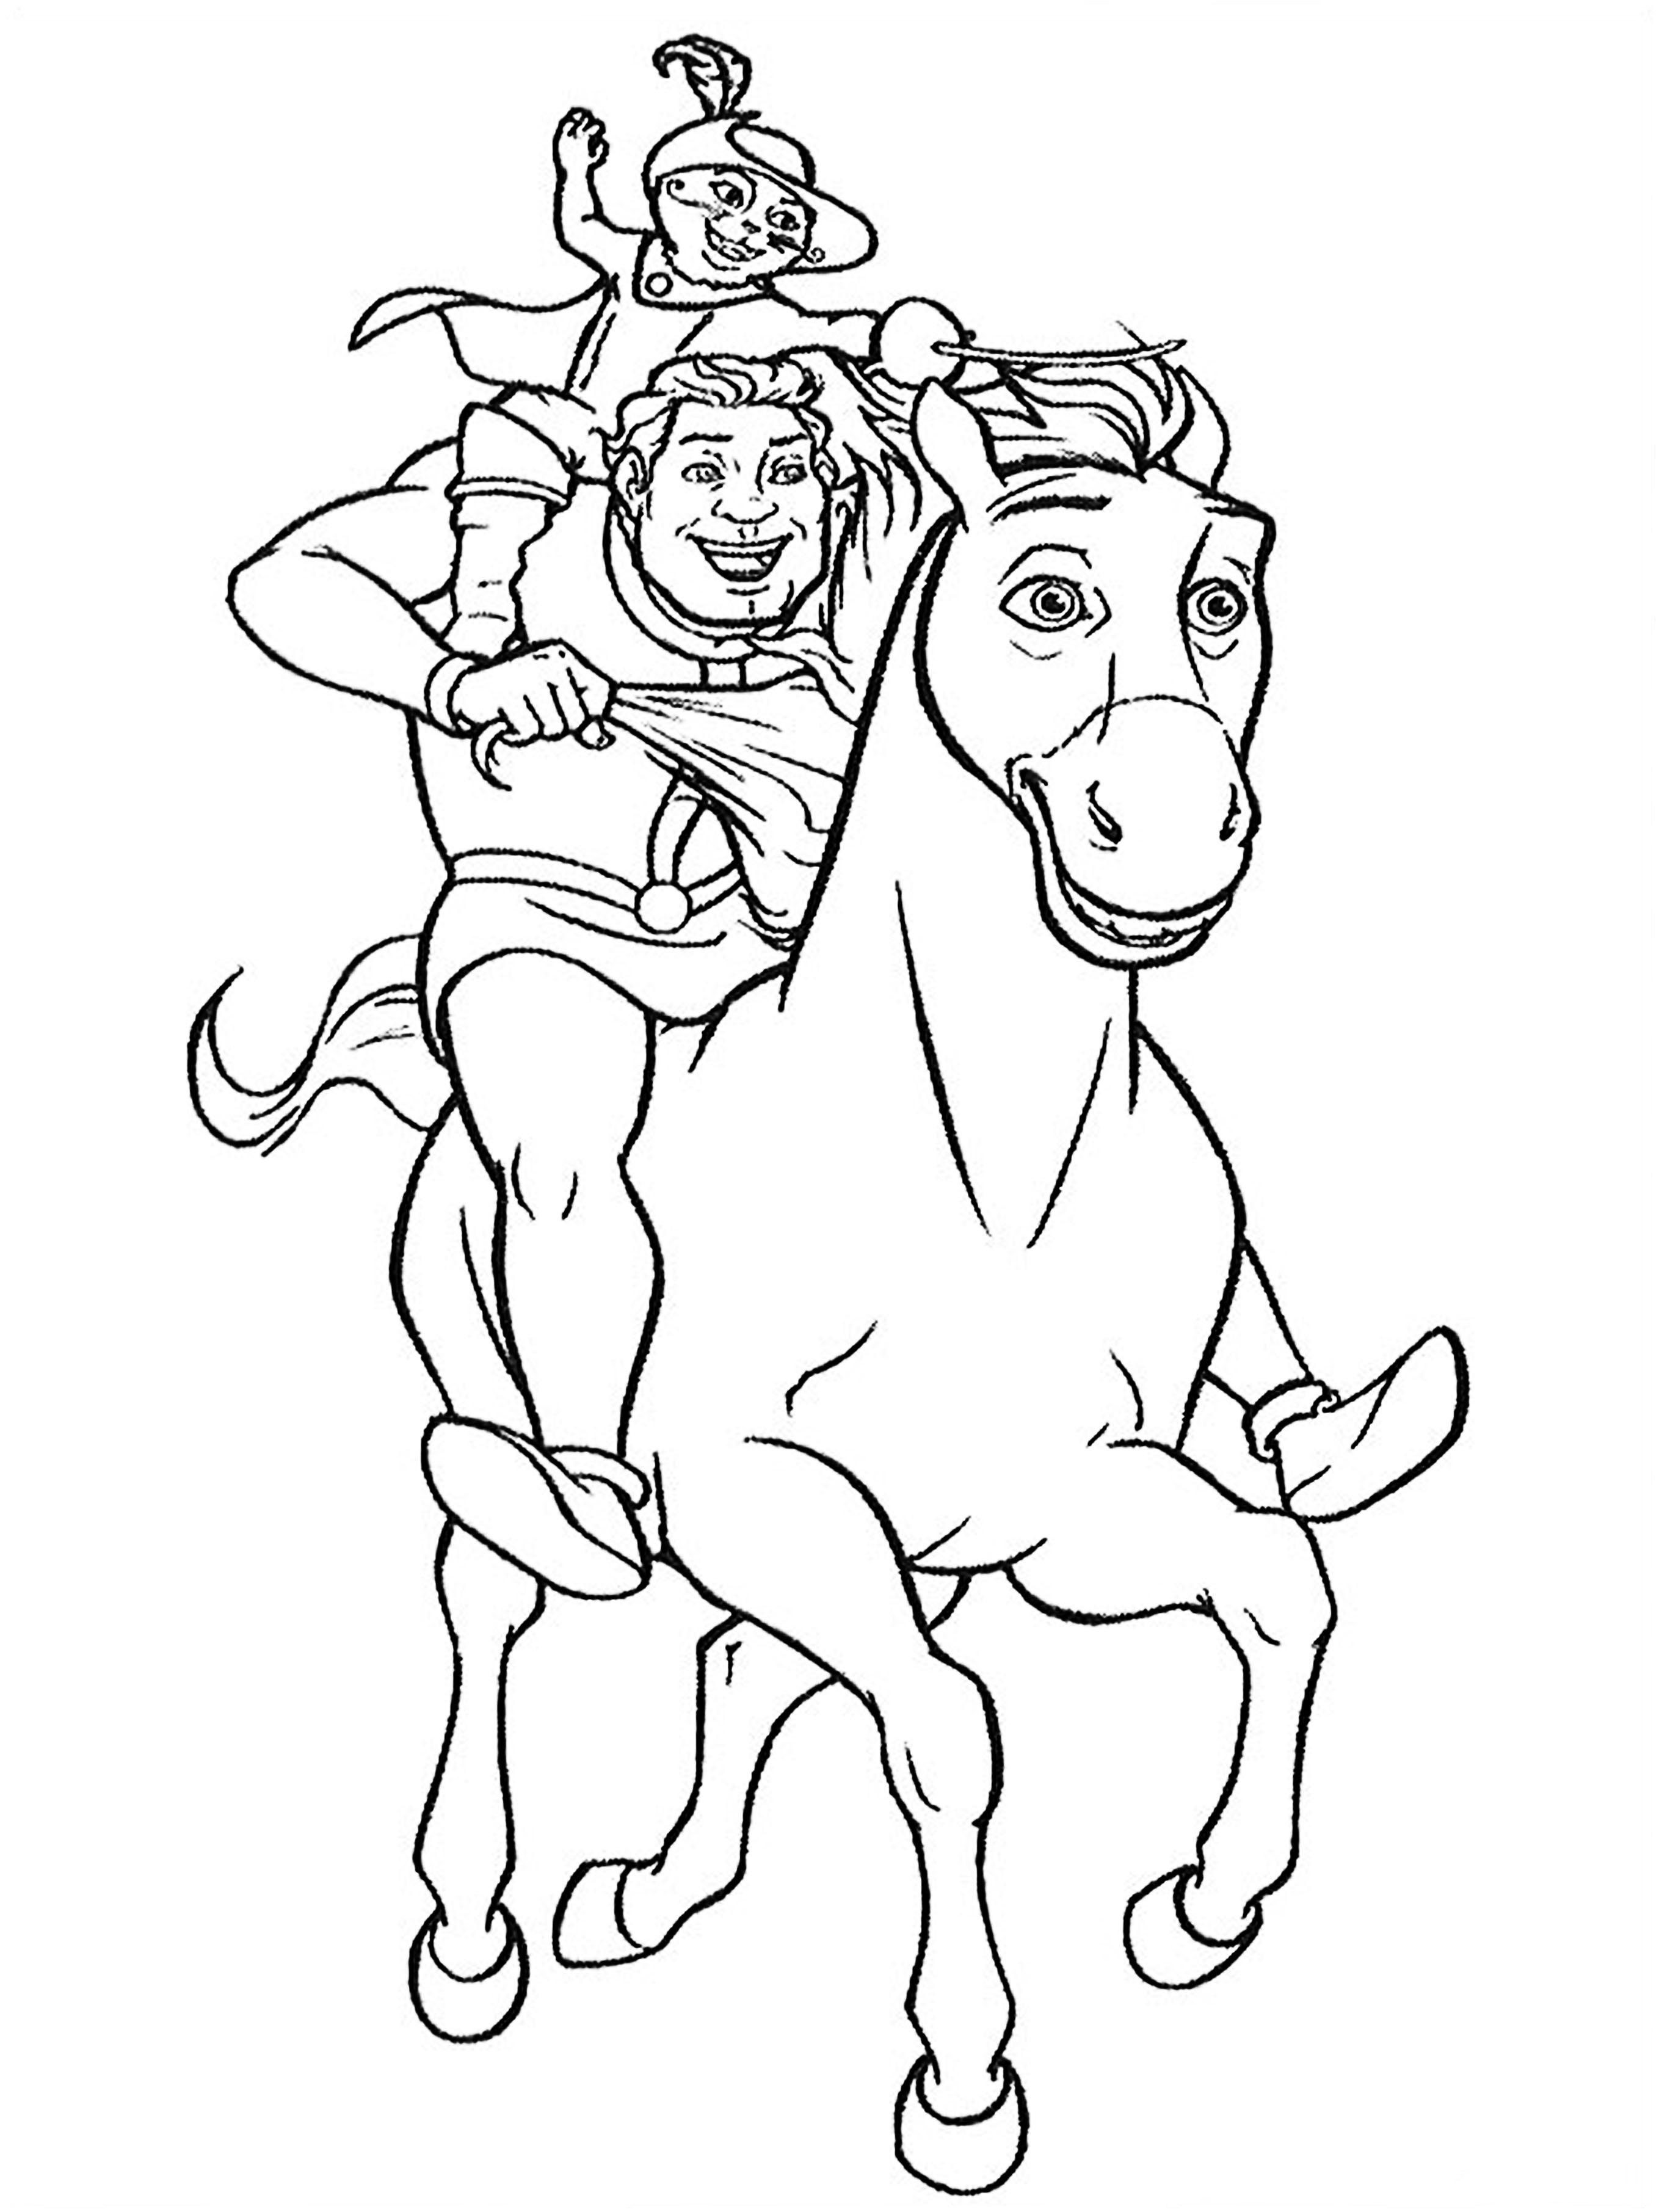 Шрек на коне с котом - раскраска №863 | Printonic.ru